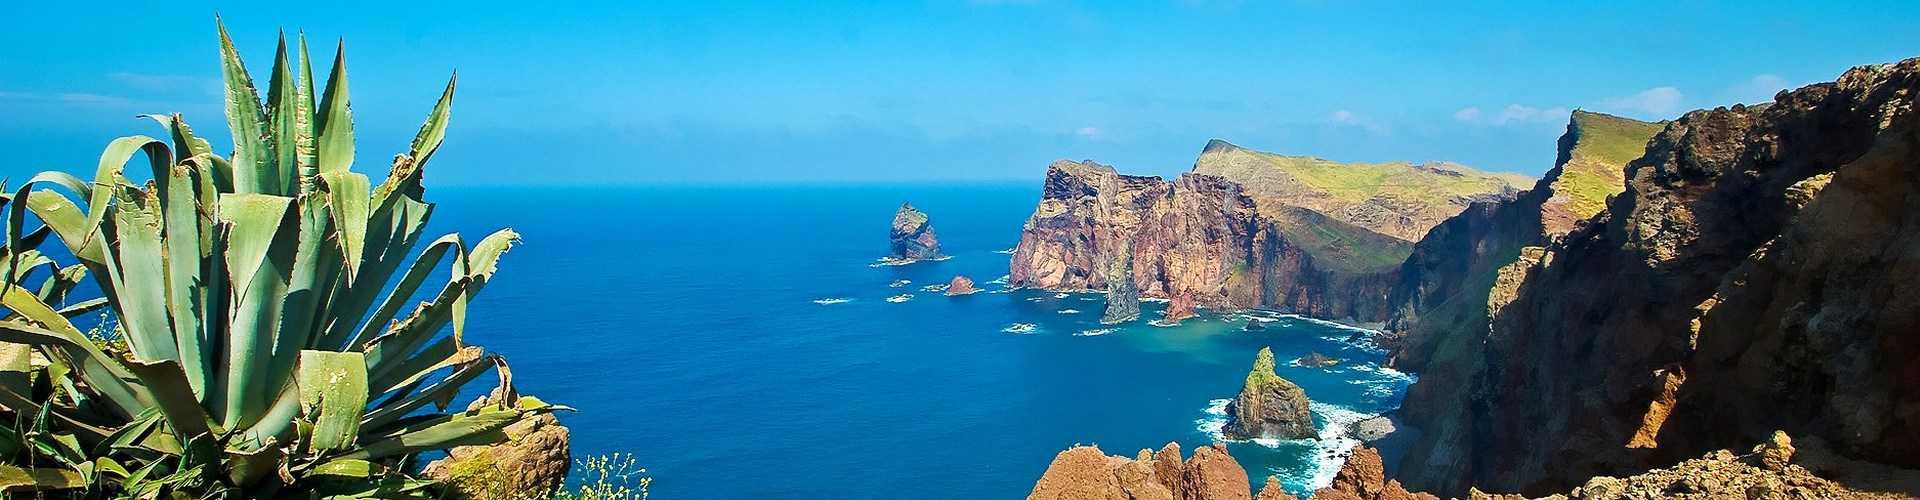 Traumhafter Wanderurlaub auf Madeira